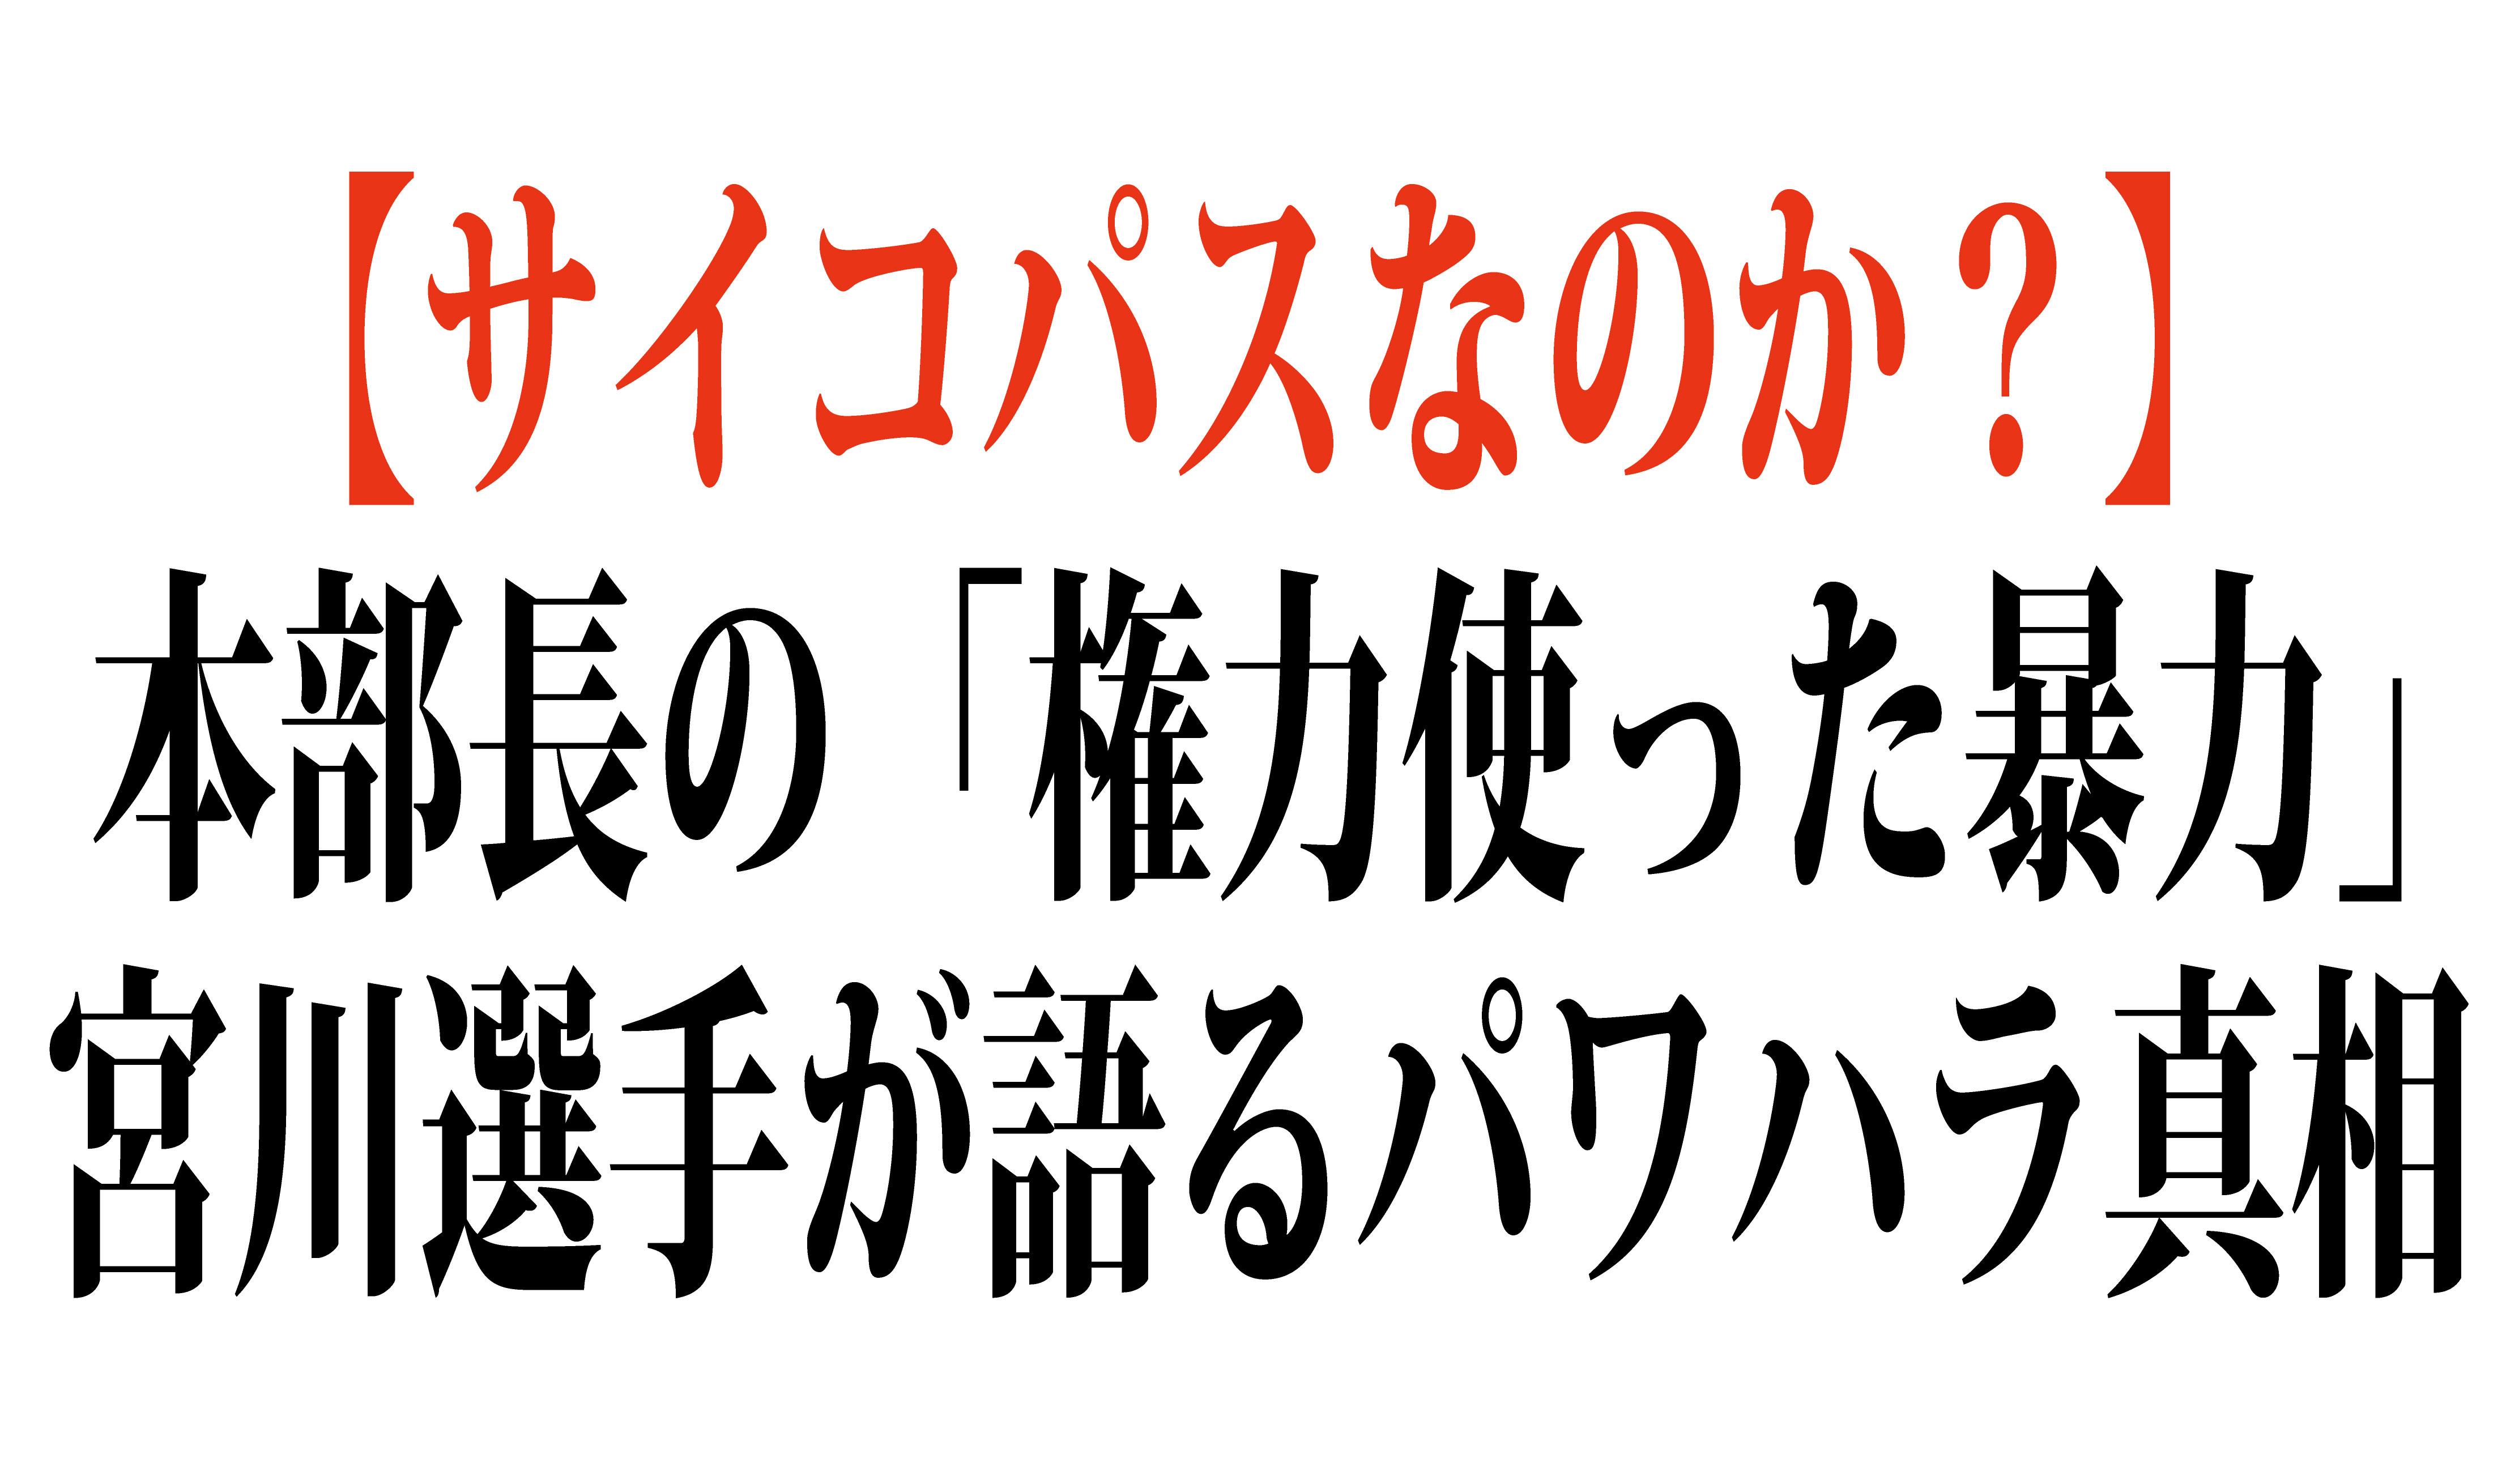 【このような事件にサイコパスあり】体操女子・宮川選手。パワハラ受けた18歳「勇気」の主張